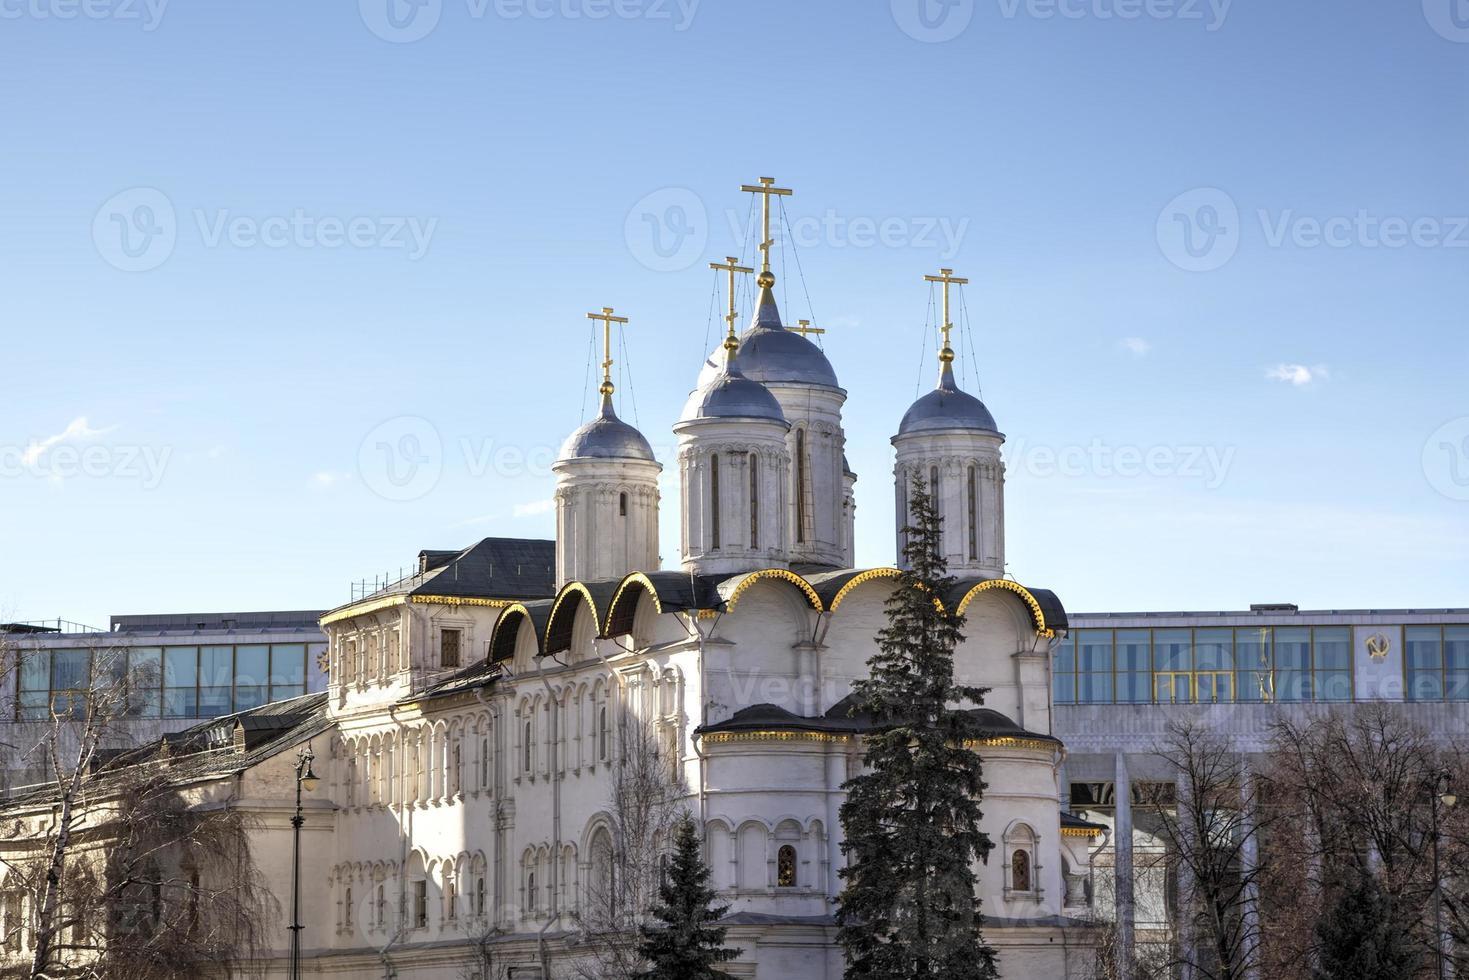 palácio do patriarca e a igreja dos doze apóstolos. moscovo kremlin, rússia foto